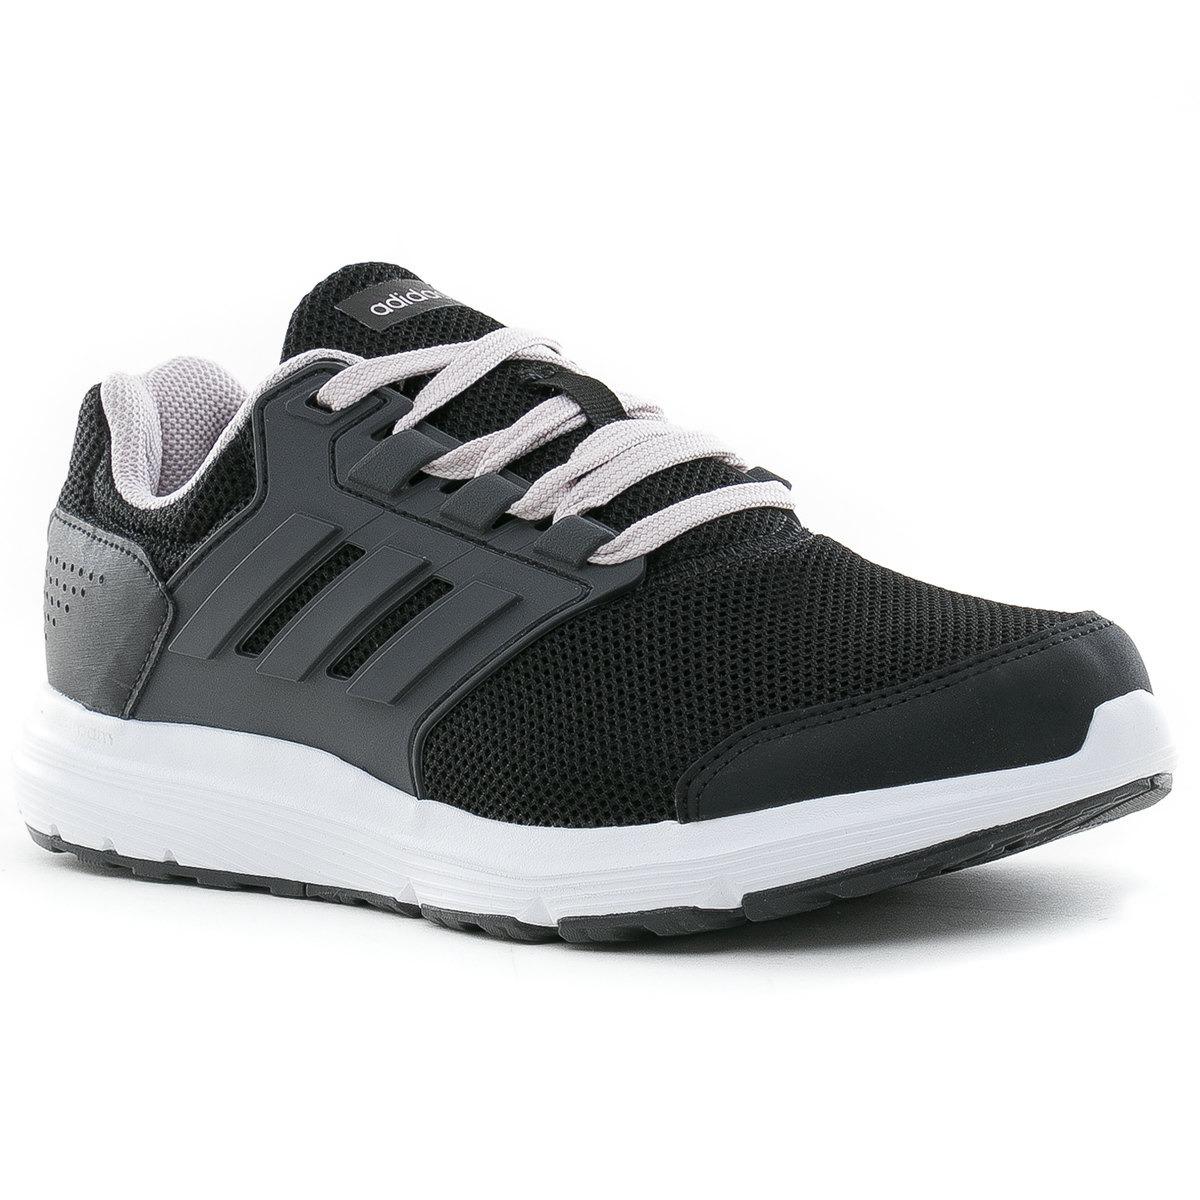 new arrival 773f0 5e6fb zapatillas galaxy 4 adidas team sport tienda oficial. Cargando zoom.